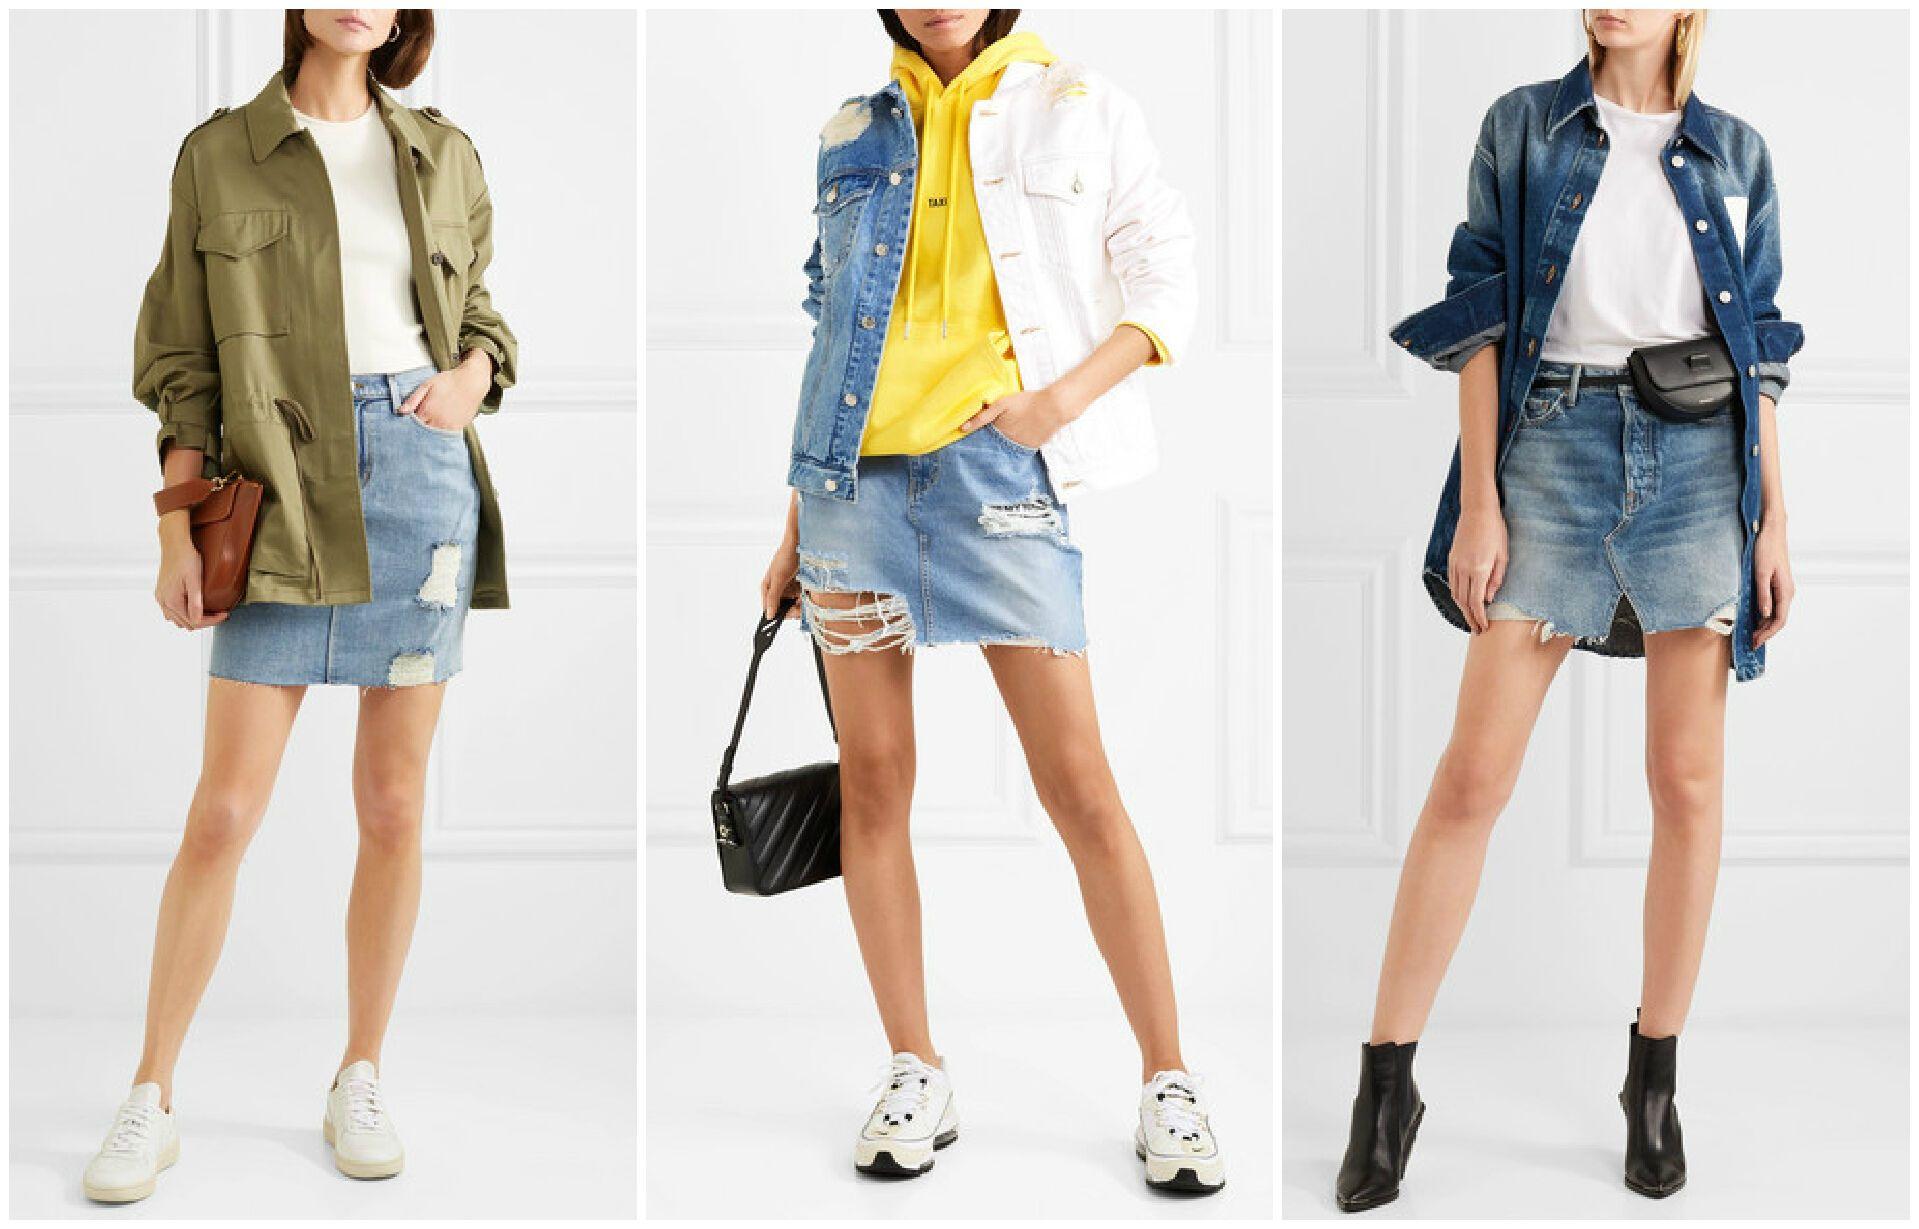 Модницам следует обратить внимание на бестселлер этого лета